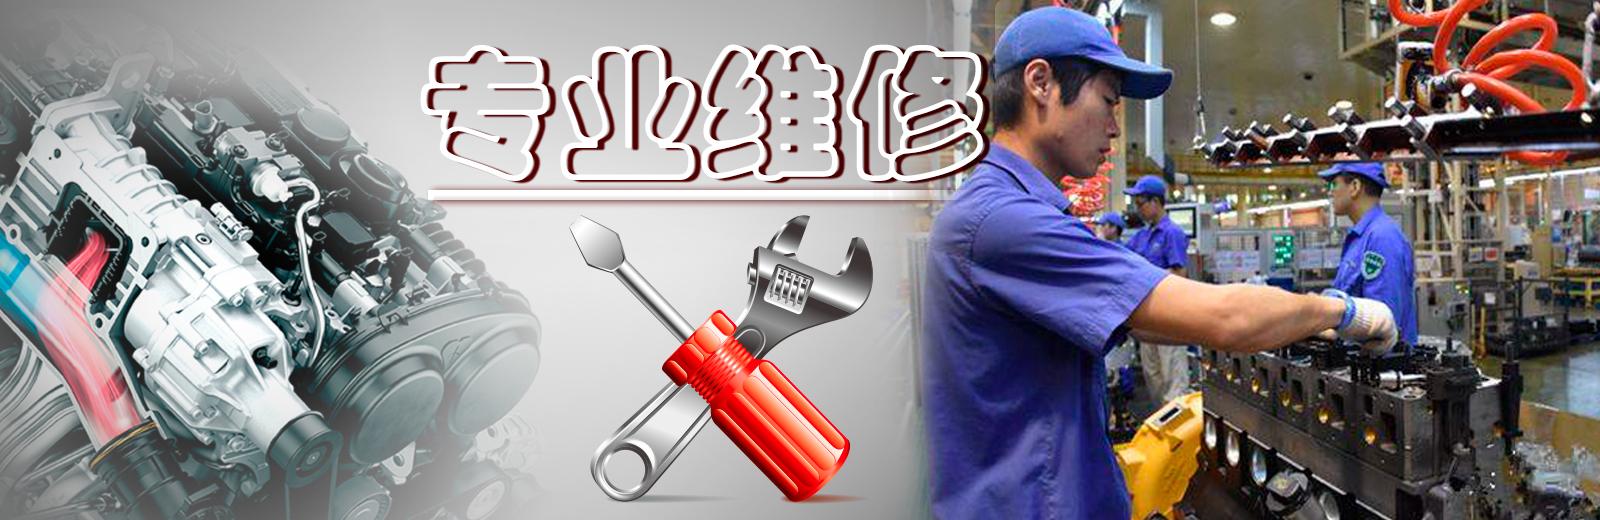 专业维修:18657145338